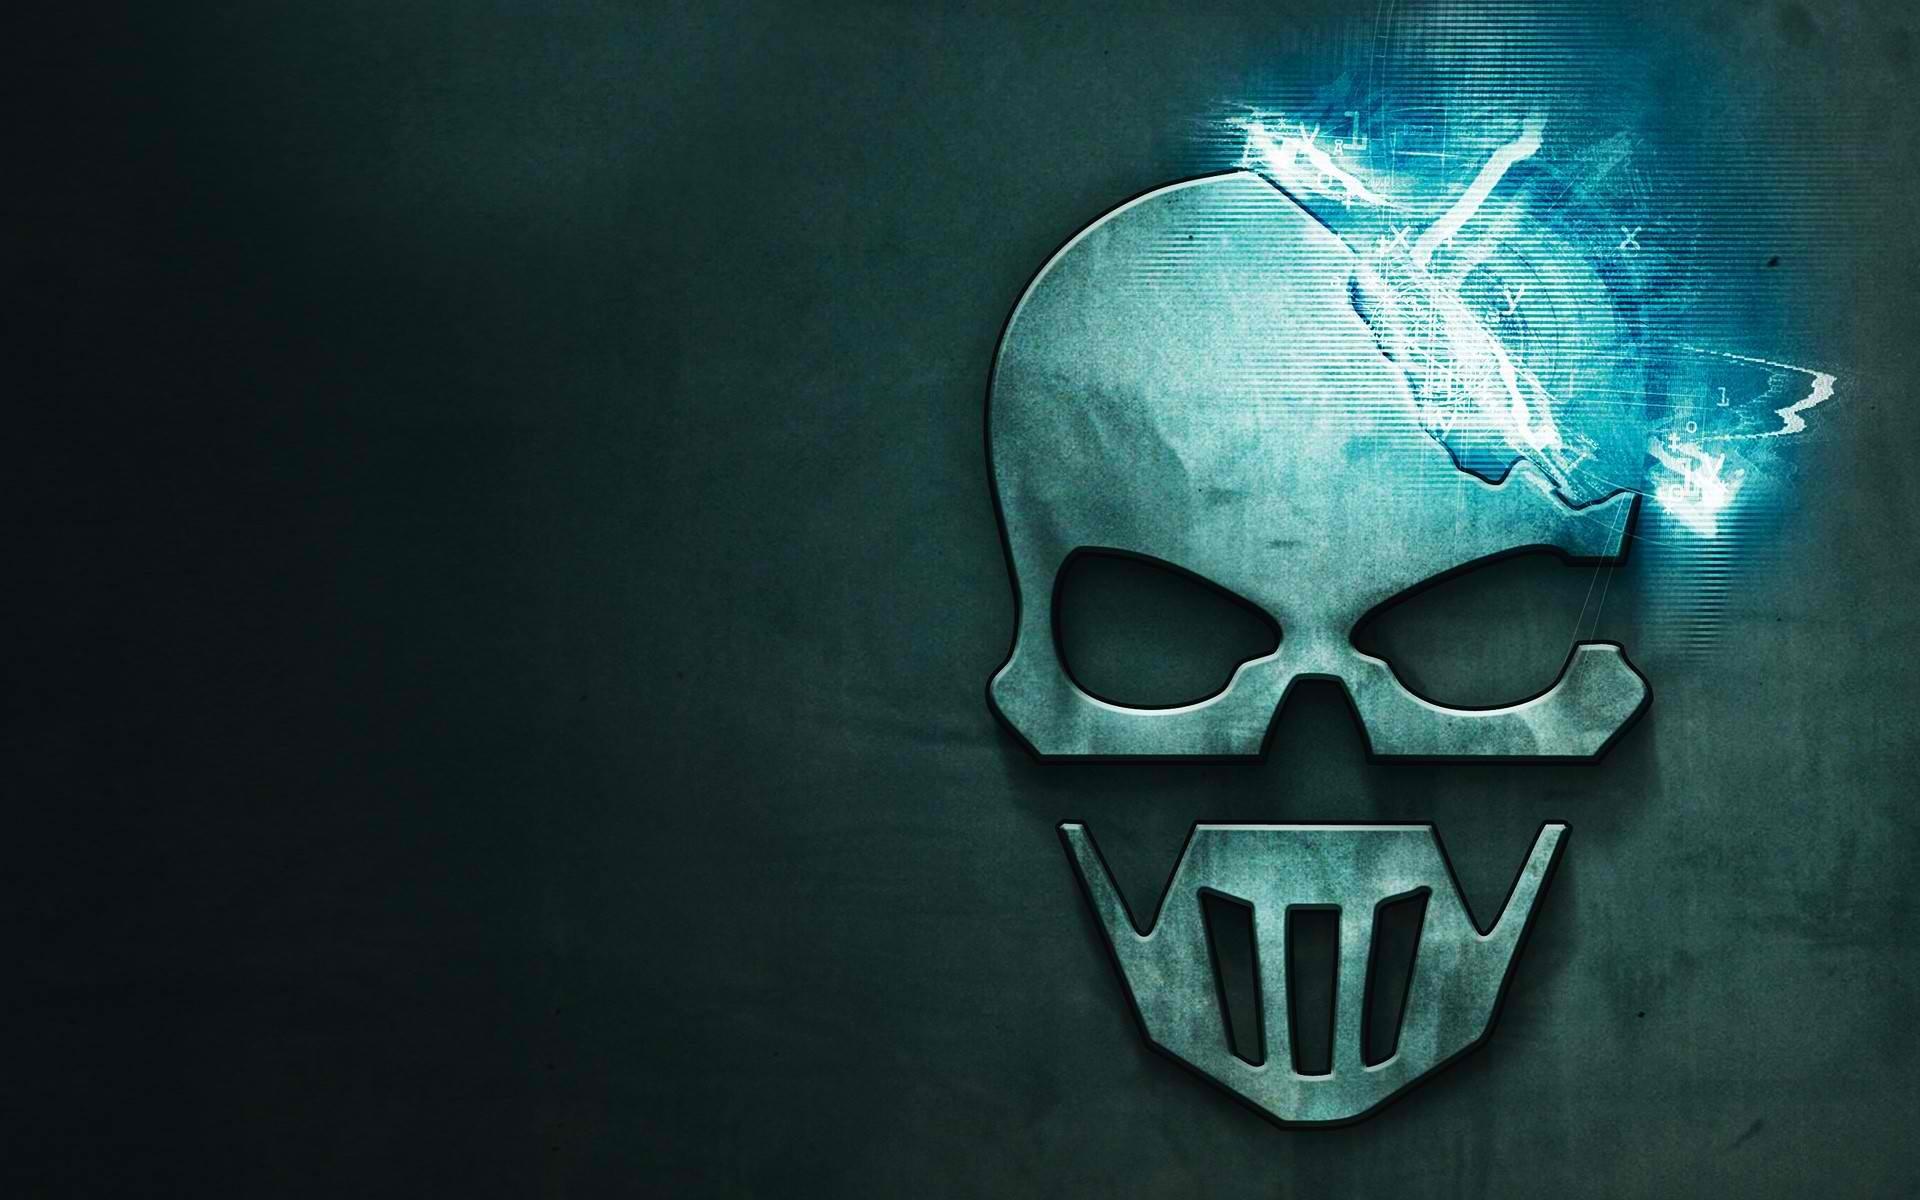 Ghost Recon Skull Wallpaper Wallpapertag